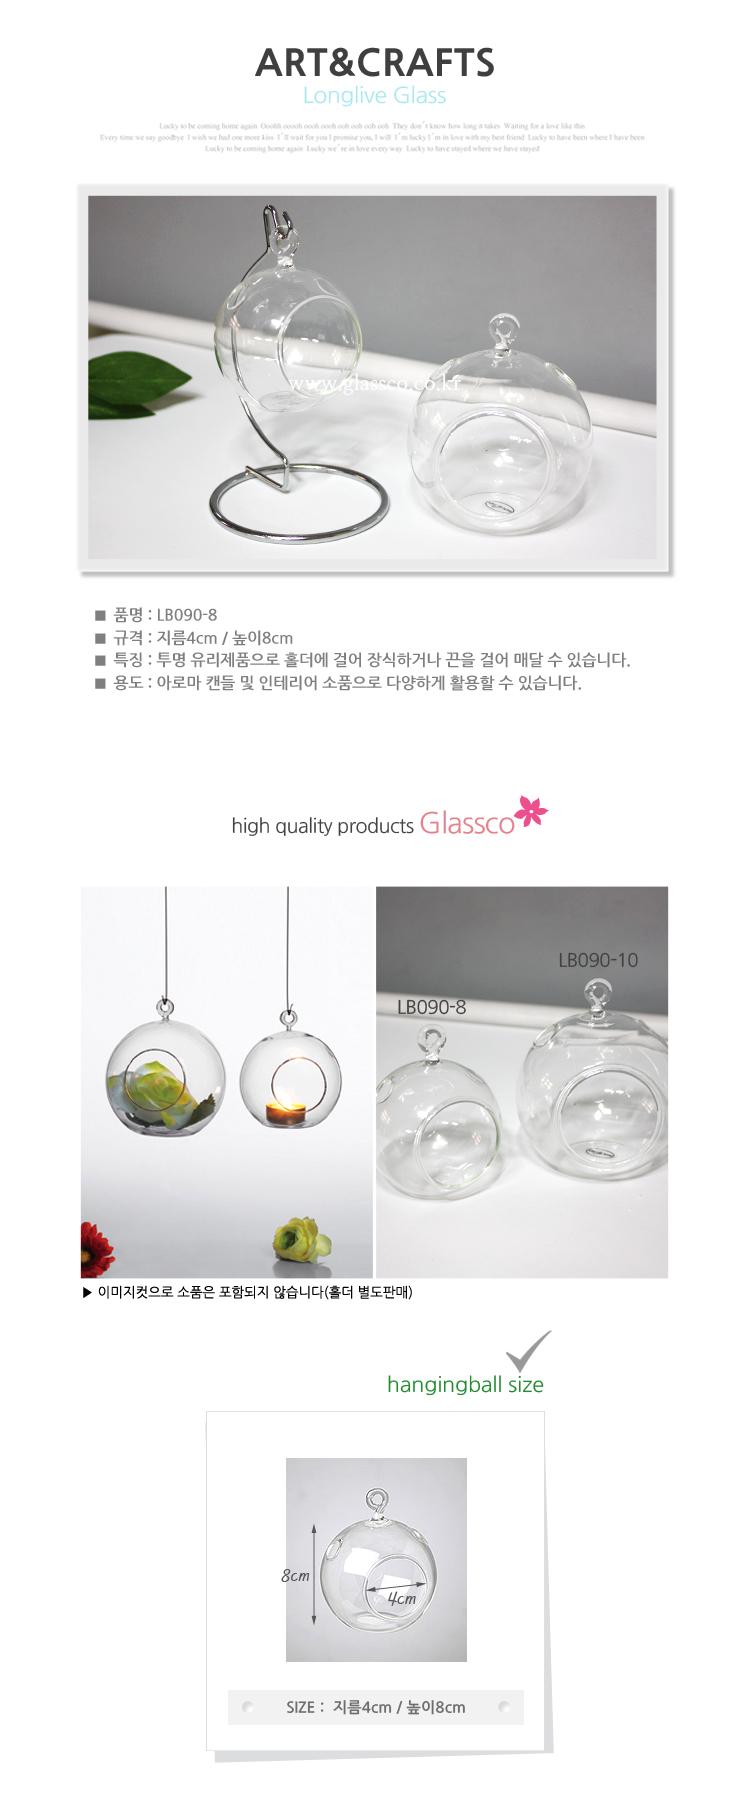 LB090-8 행잉볼걸이 캔들홀더용품 - 글라스코, 4,480원, 화병/수반, 유리화병